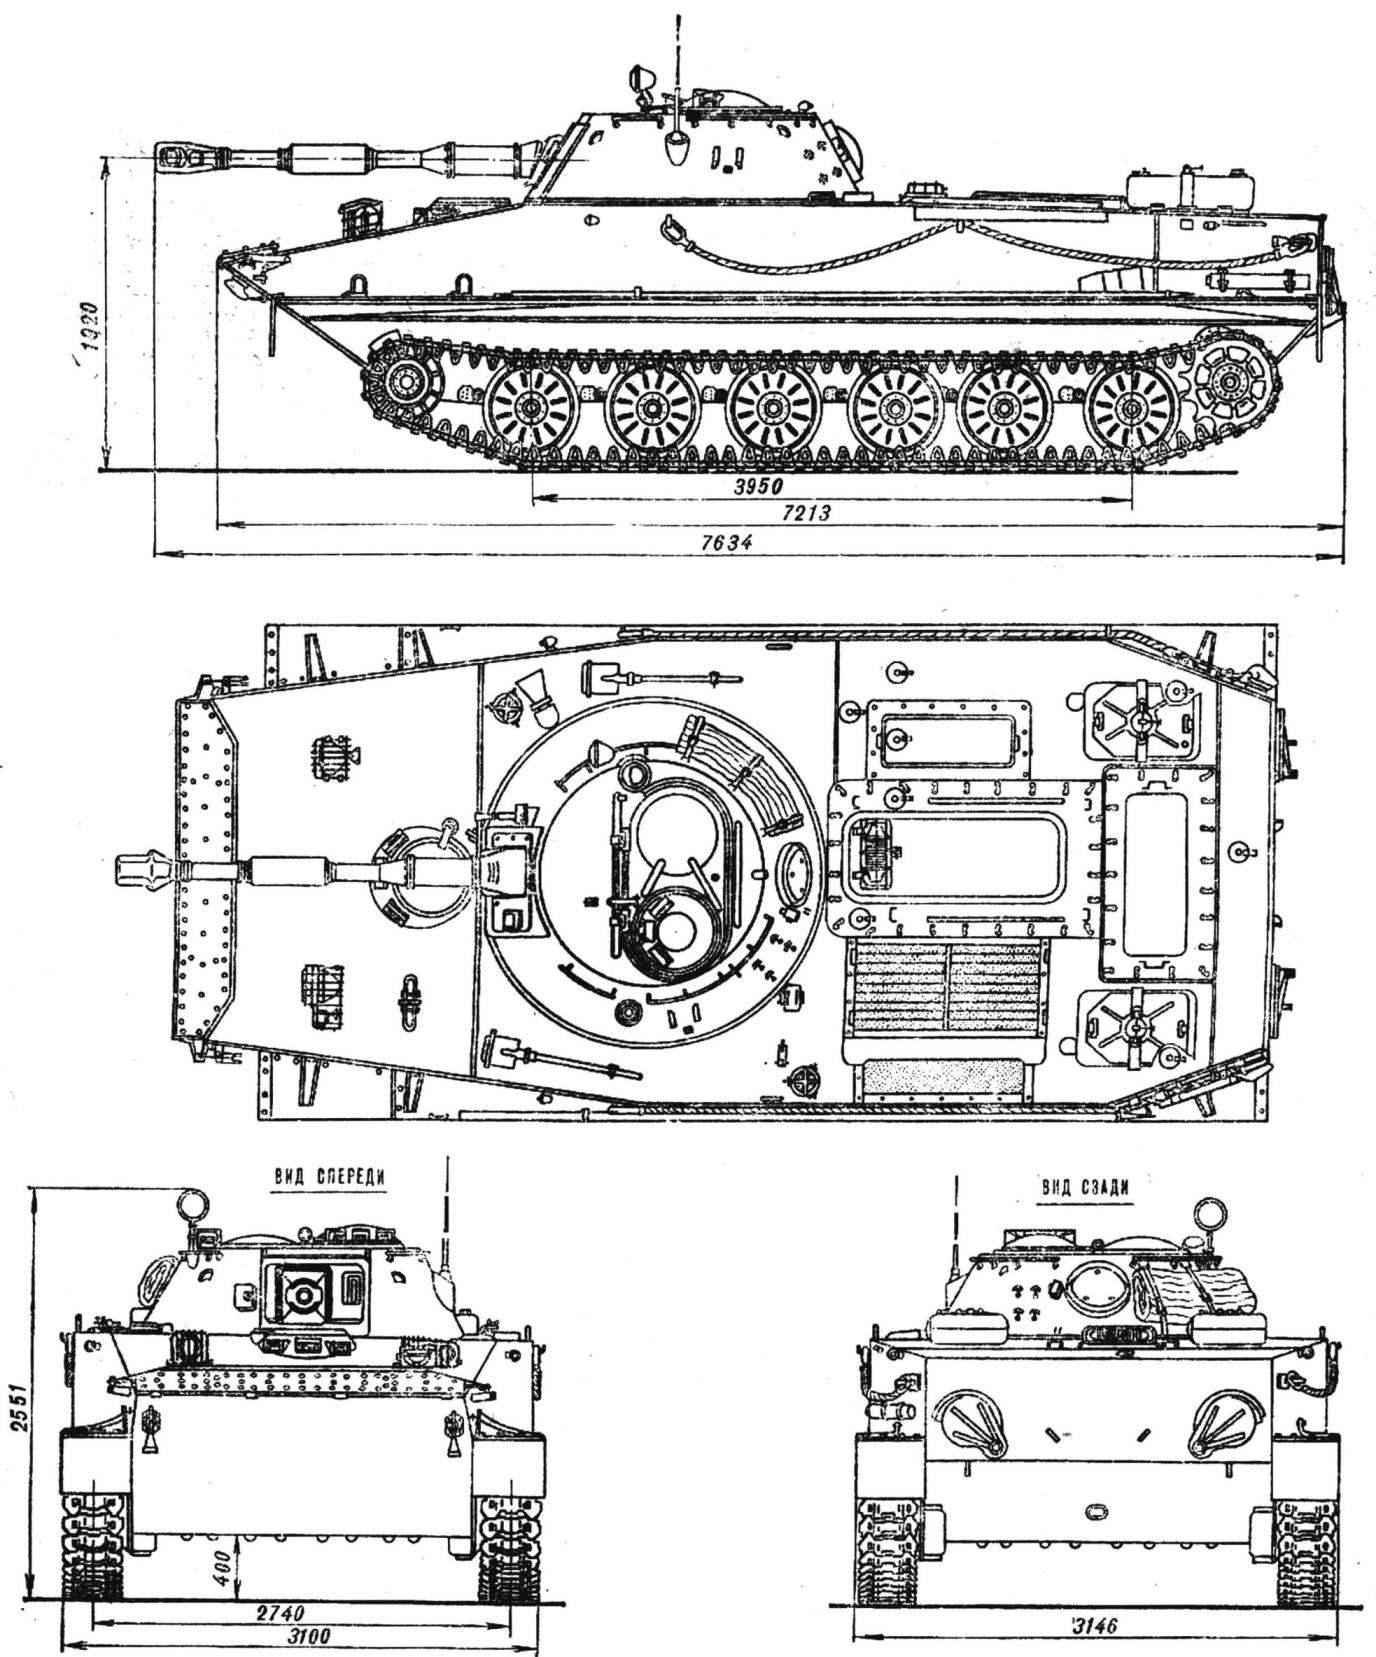 Плавающий танк ПТ-76.